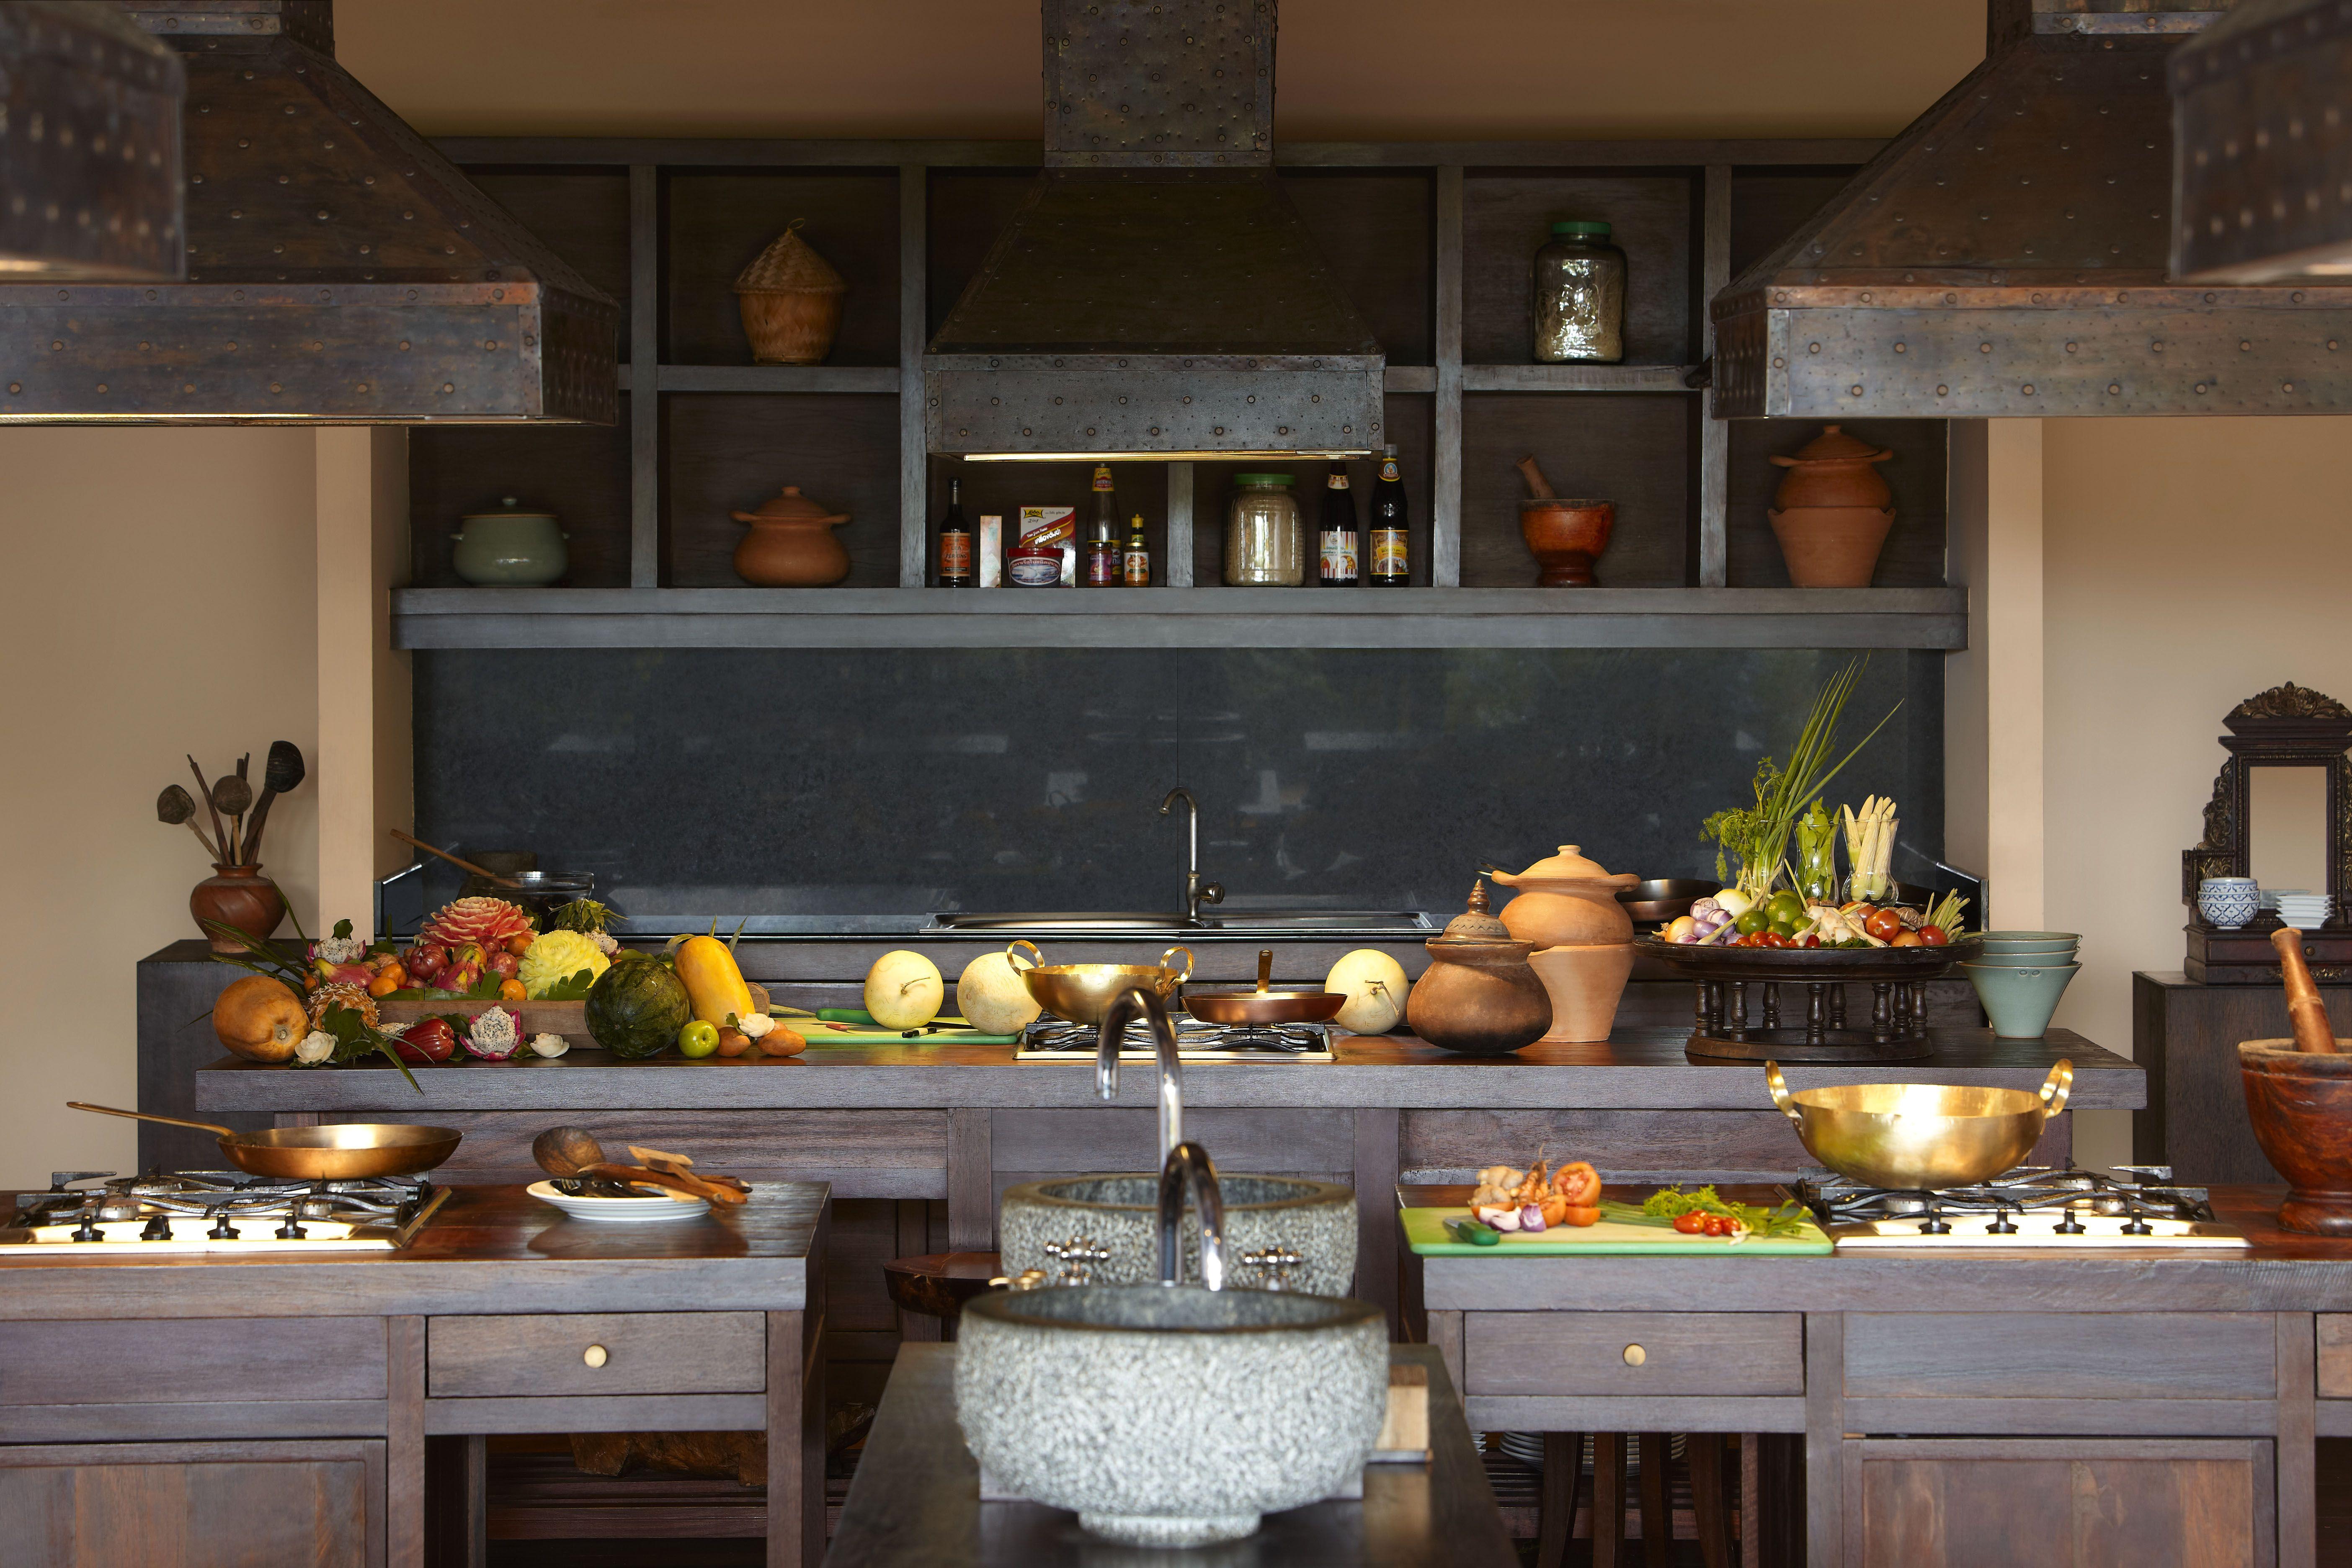 Cool Wooden thailandske køkken layout design på vores Spice-7020